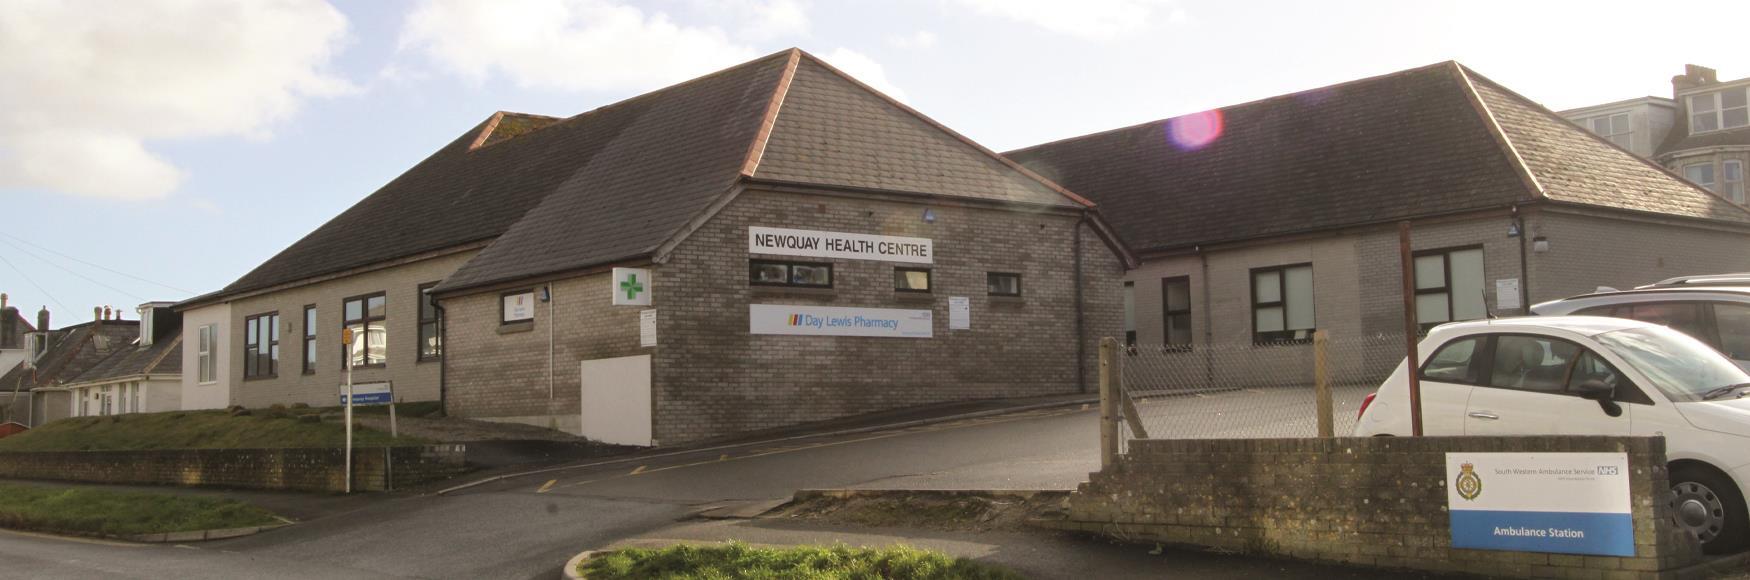 Newquay Health Centre